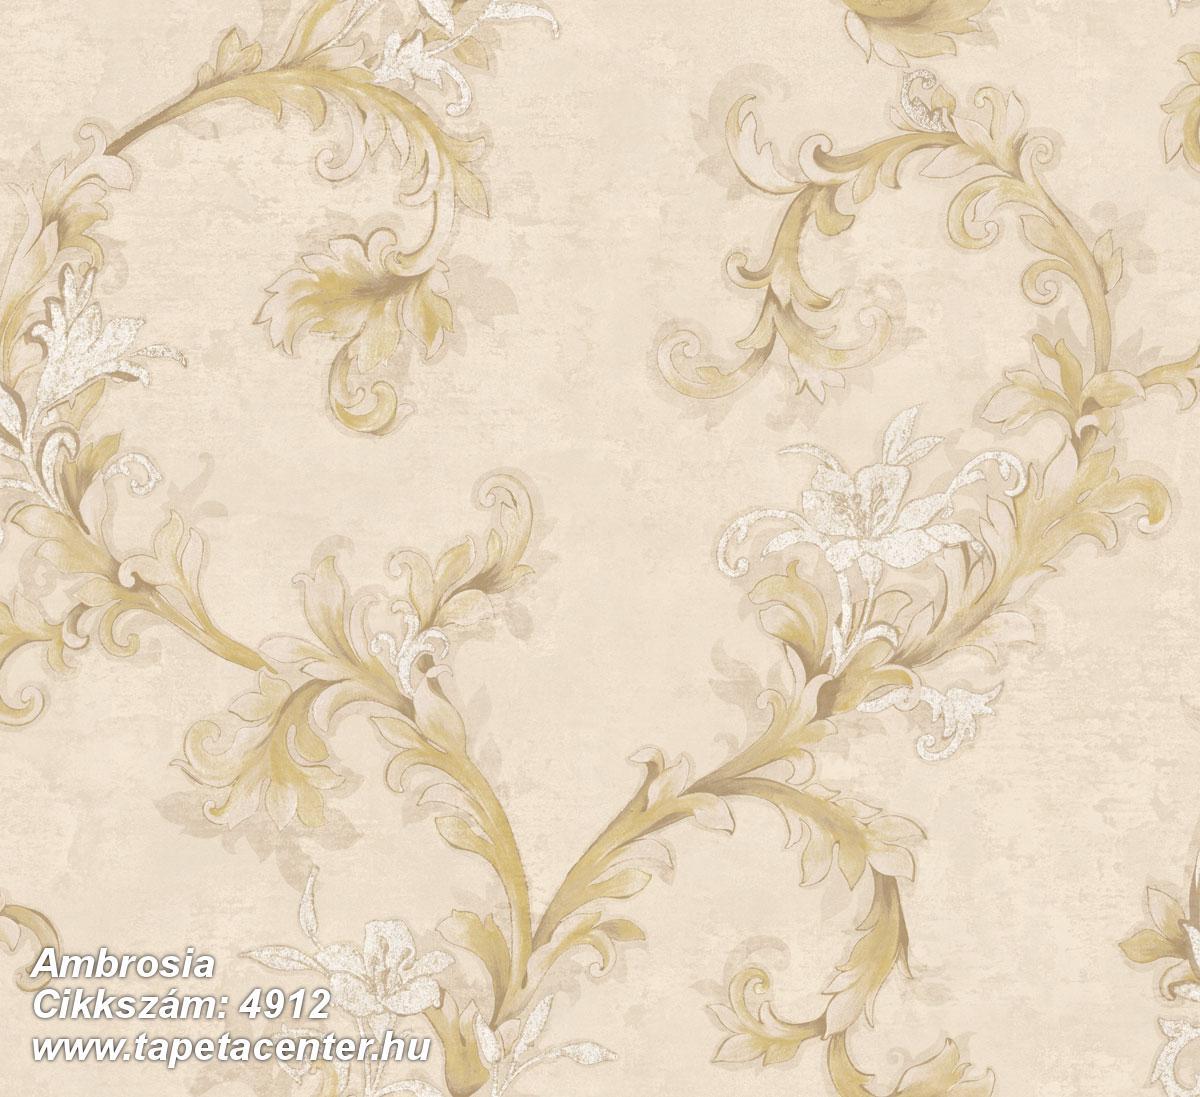 Barokk-klasszikus,természeti mintás,textil hatású,virágmintás,arany,bézs-drapp,fehér,súrolható,vlies tapéta